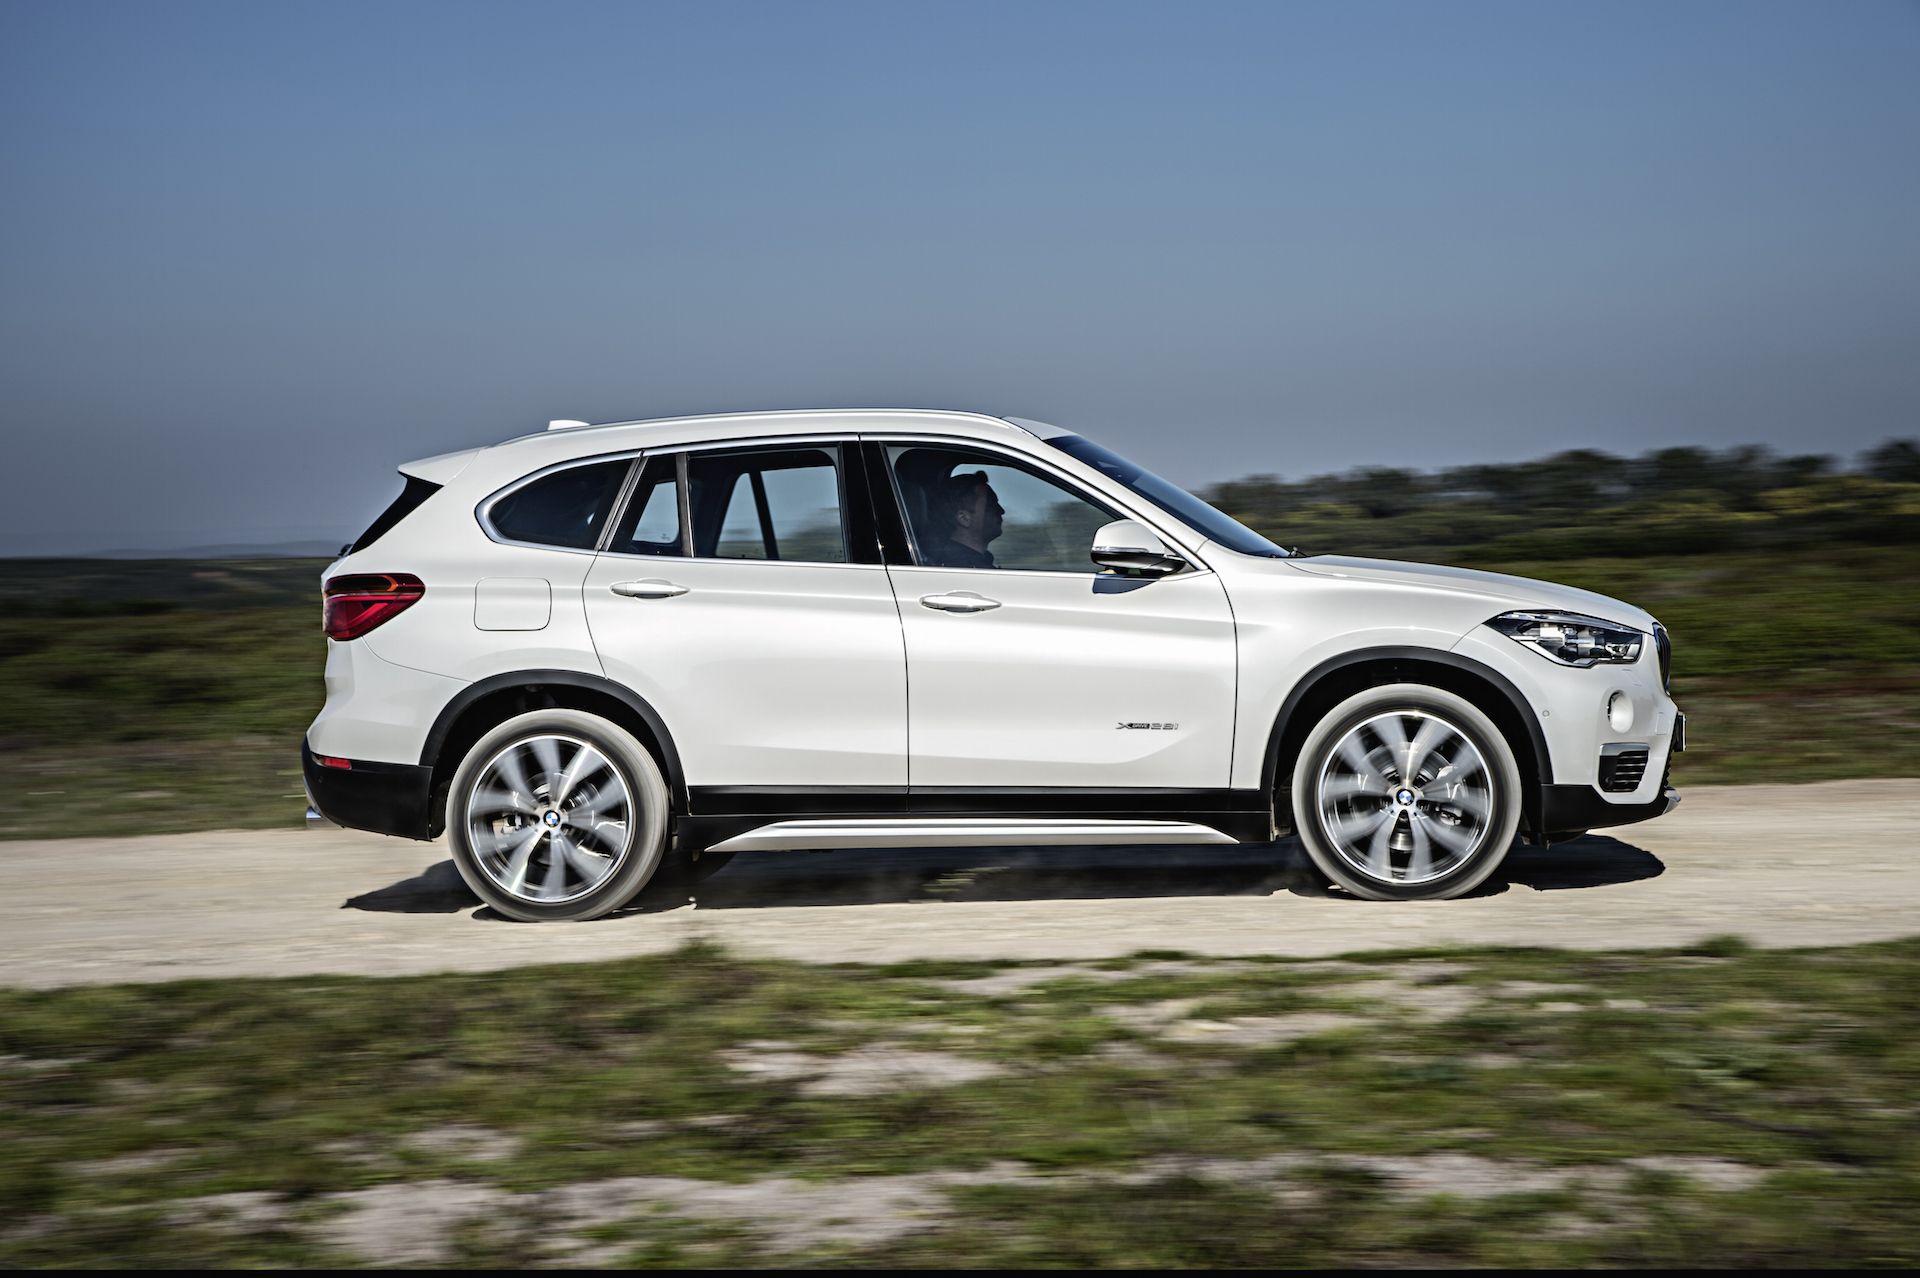 2016 BMW X1 Bmw suv, New suv, New bmw